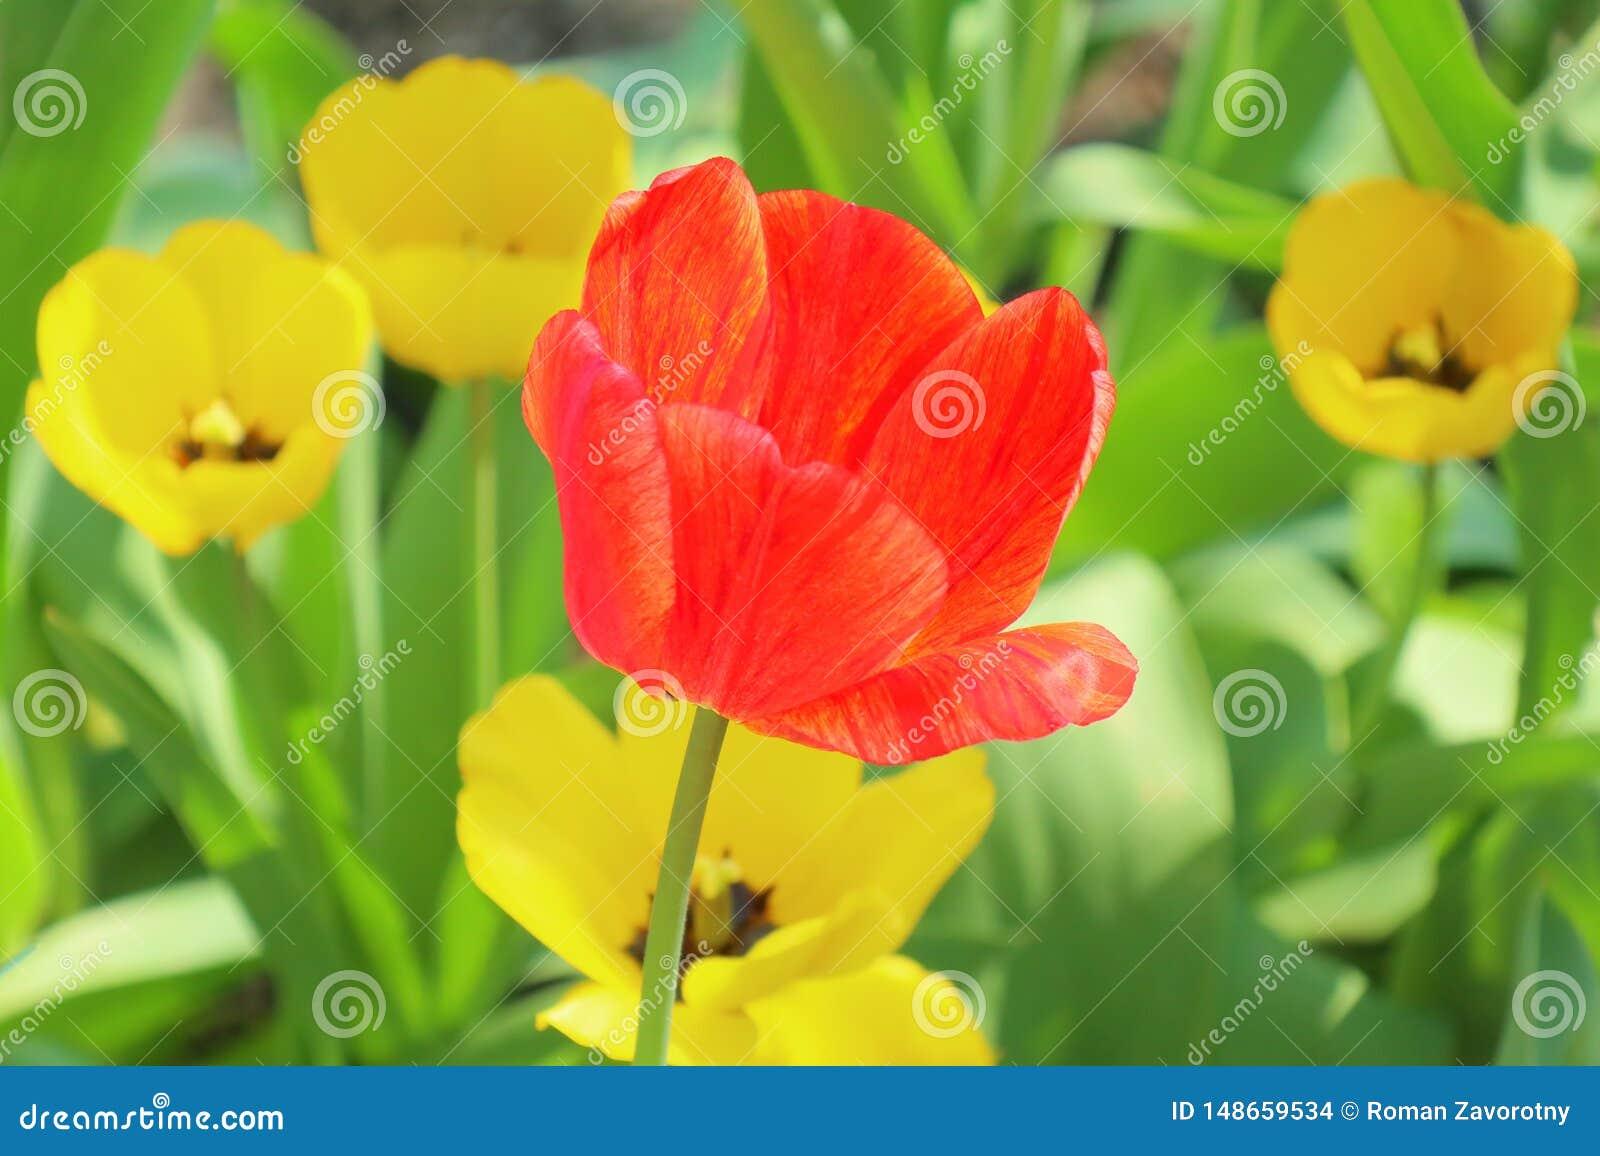 Tulipani gialli ed uno rossi su un fondo di giallo